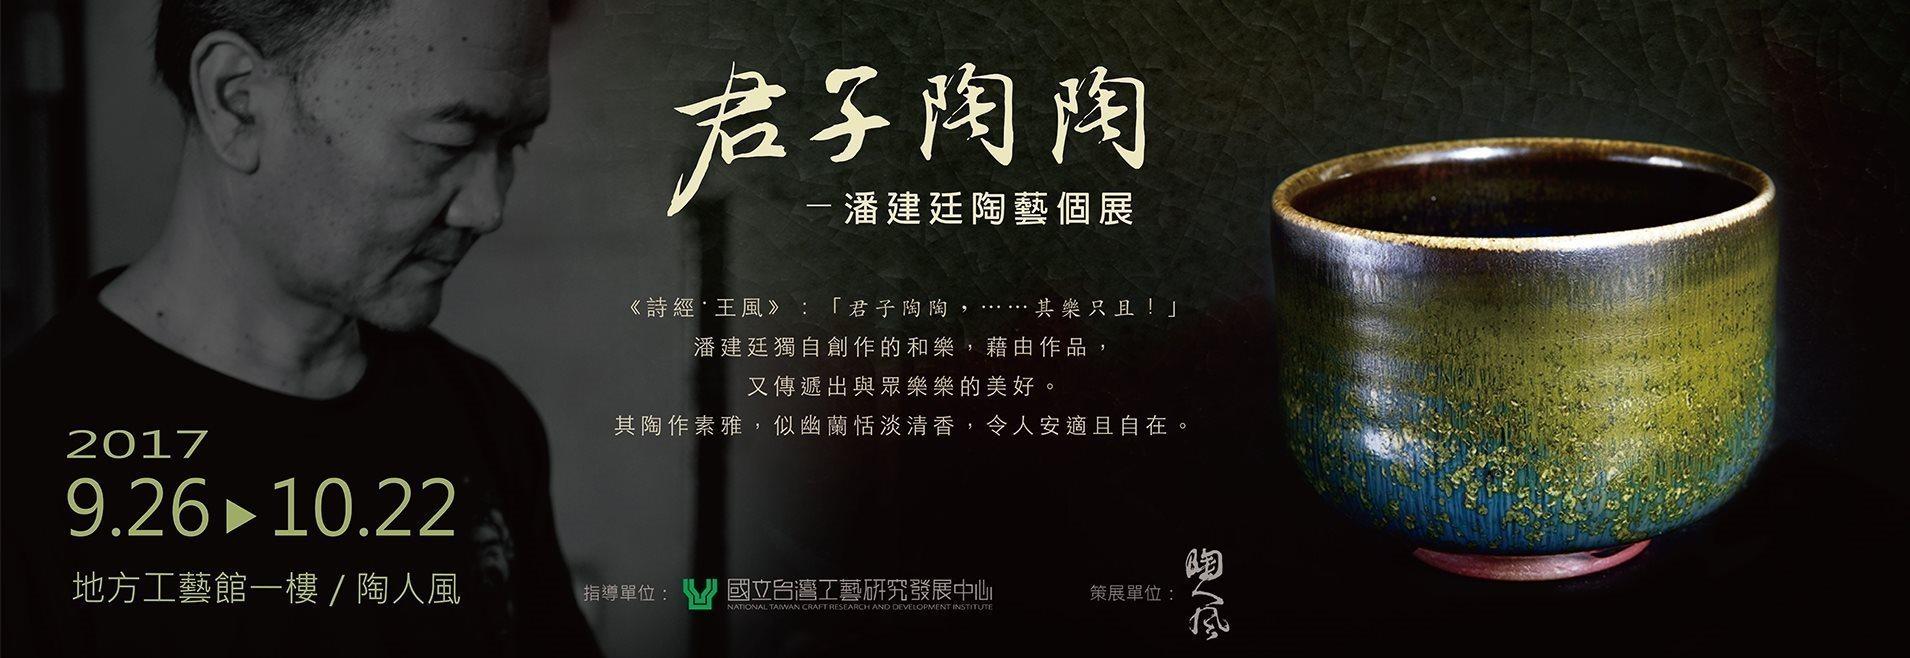 君子陶陶-潘建廷陶藝個展[另開新視窗]